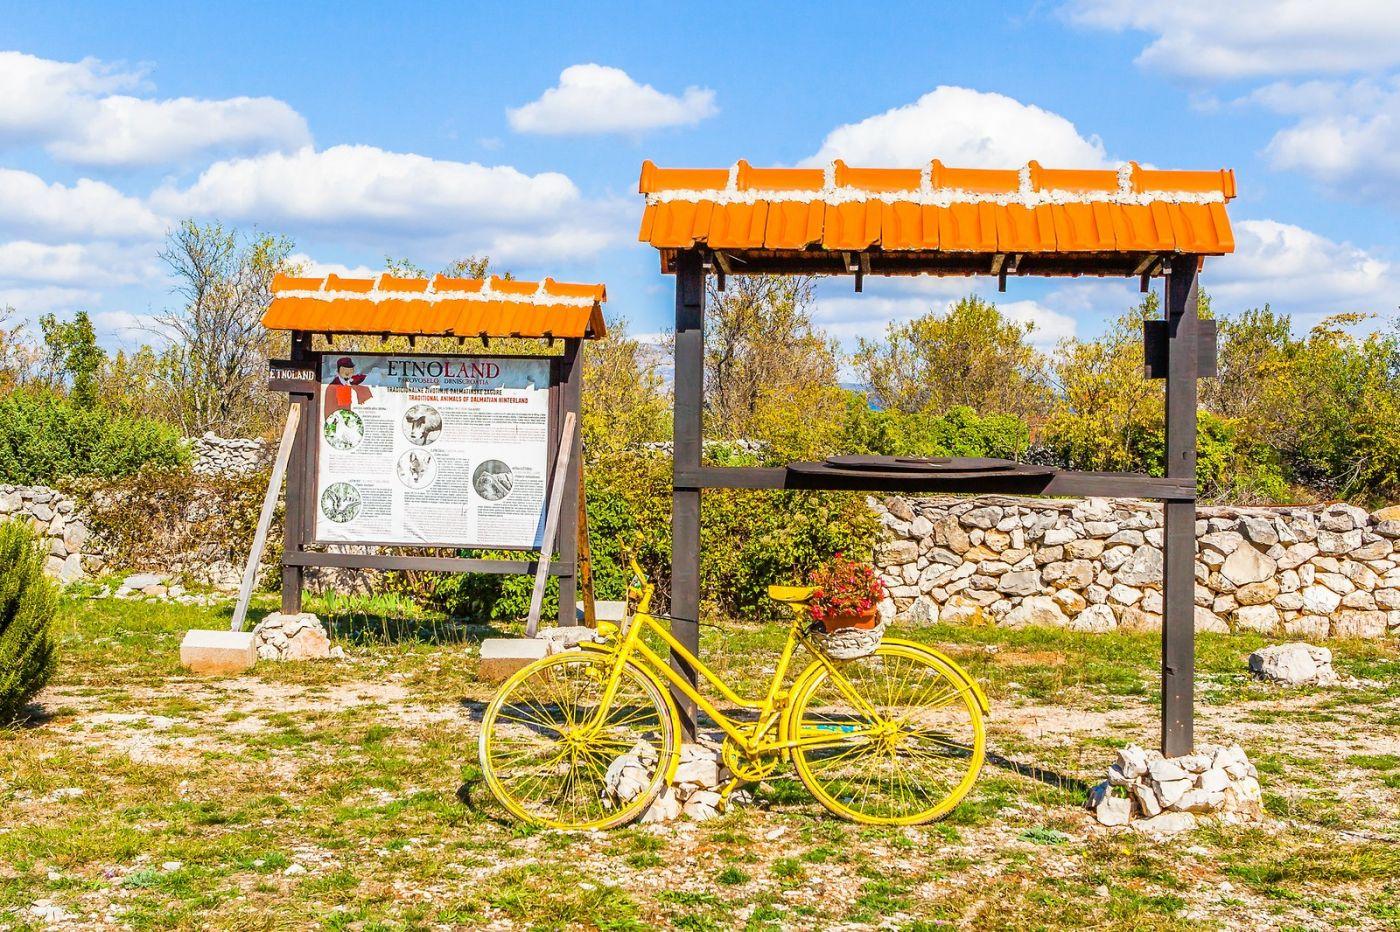 克罗地亚达尔马提亚村,独特的地域风貌_图1-19